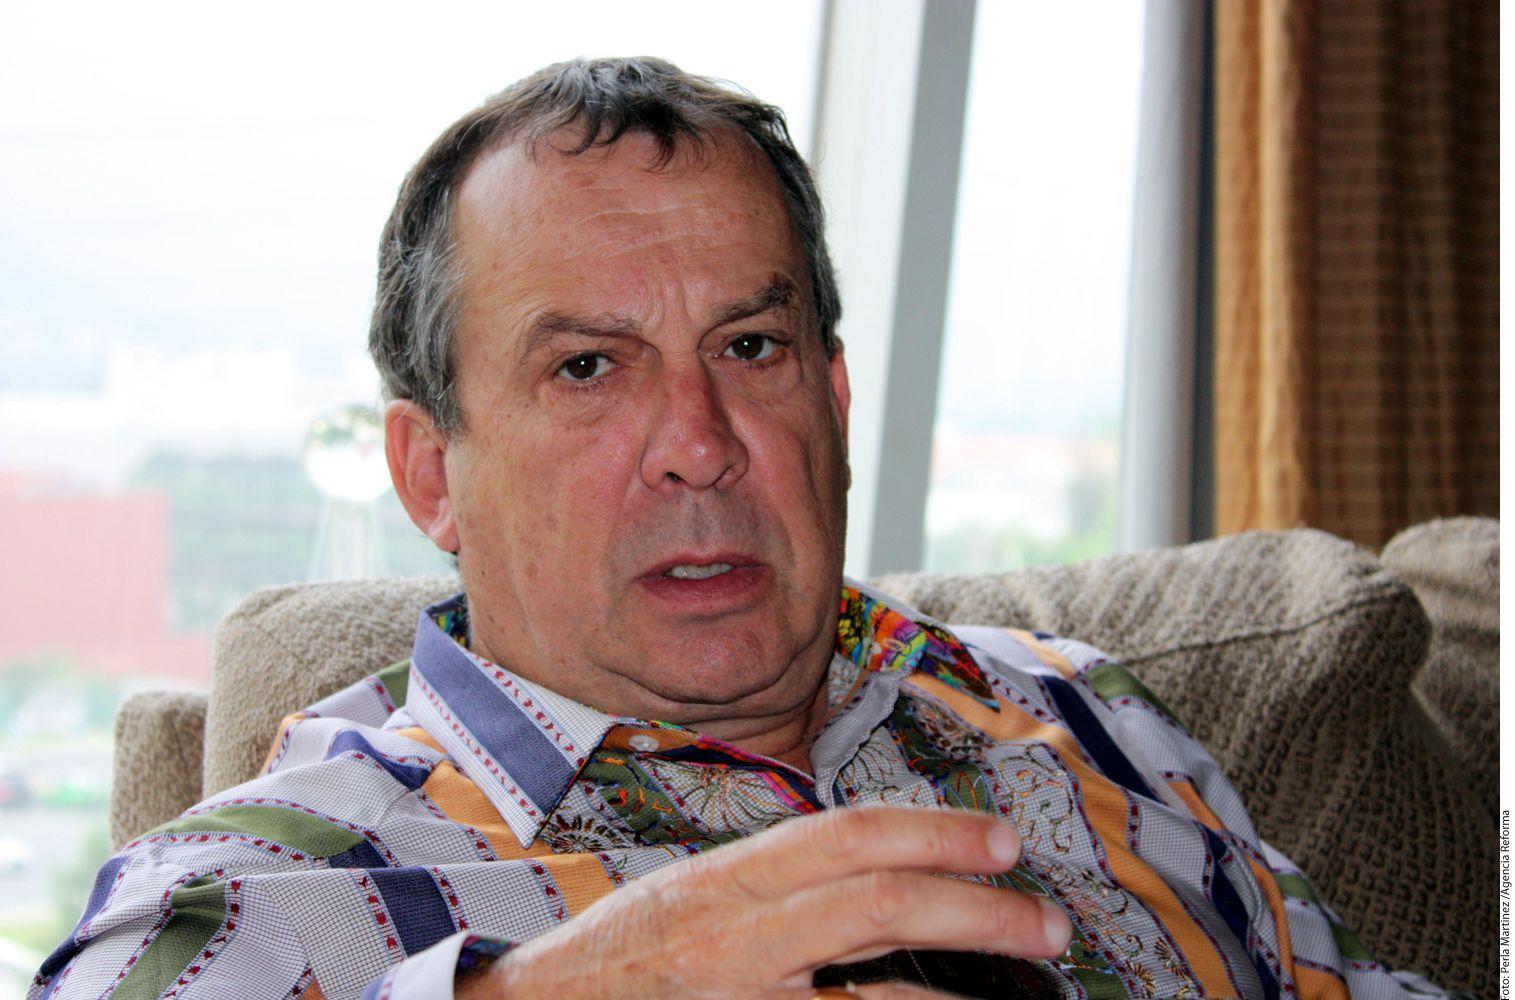 Un testigo en el caso del asesinato del abogado Juan Jesús Guerrero Chapa dijo que el alcalde de San Pedro Garza García, Mauricio Fernández, permitió operar en su ciudad a el cartel de los Beltrán Leyva.